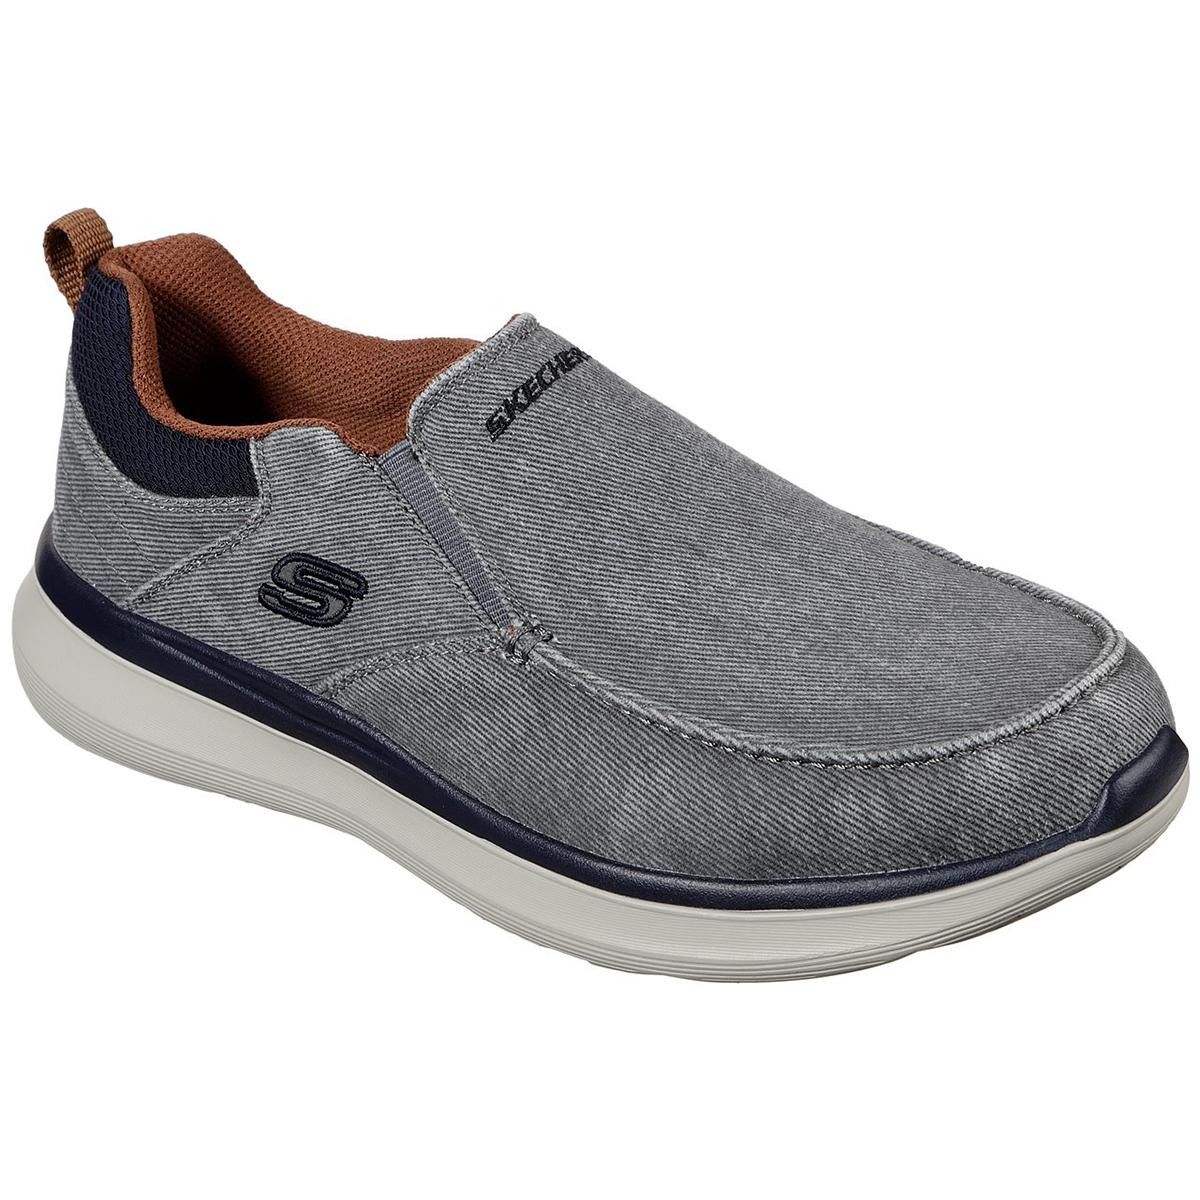 Skechers Men's Delson 2.0 - Larwin Shoe - Black, 9